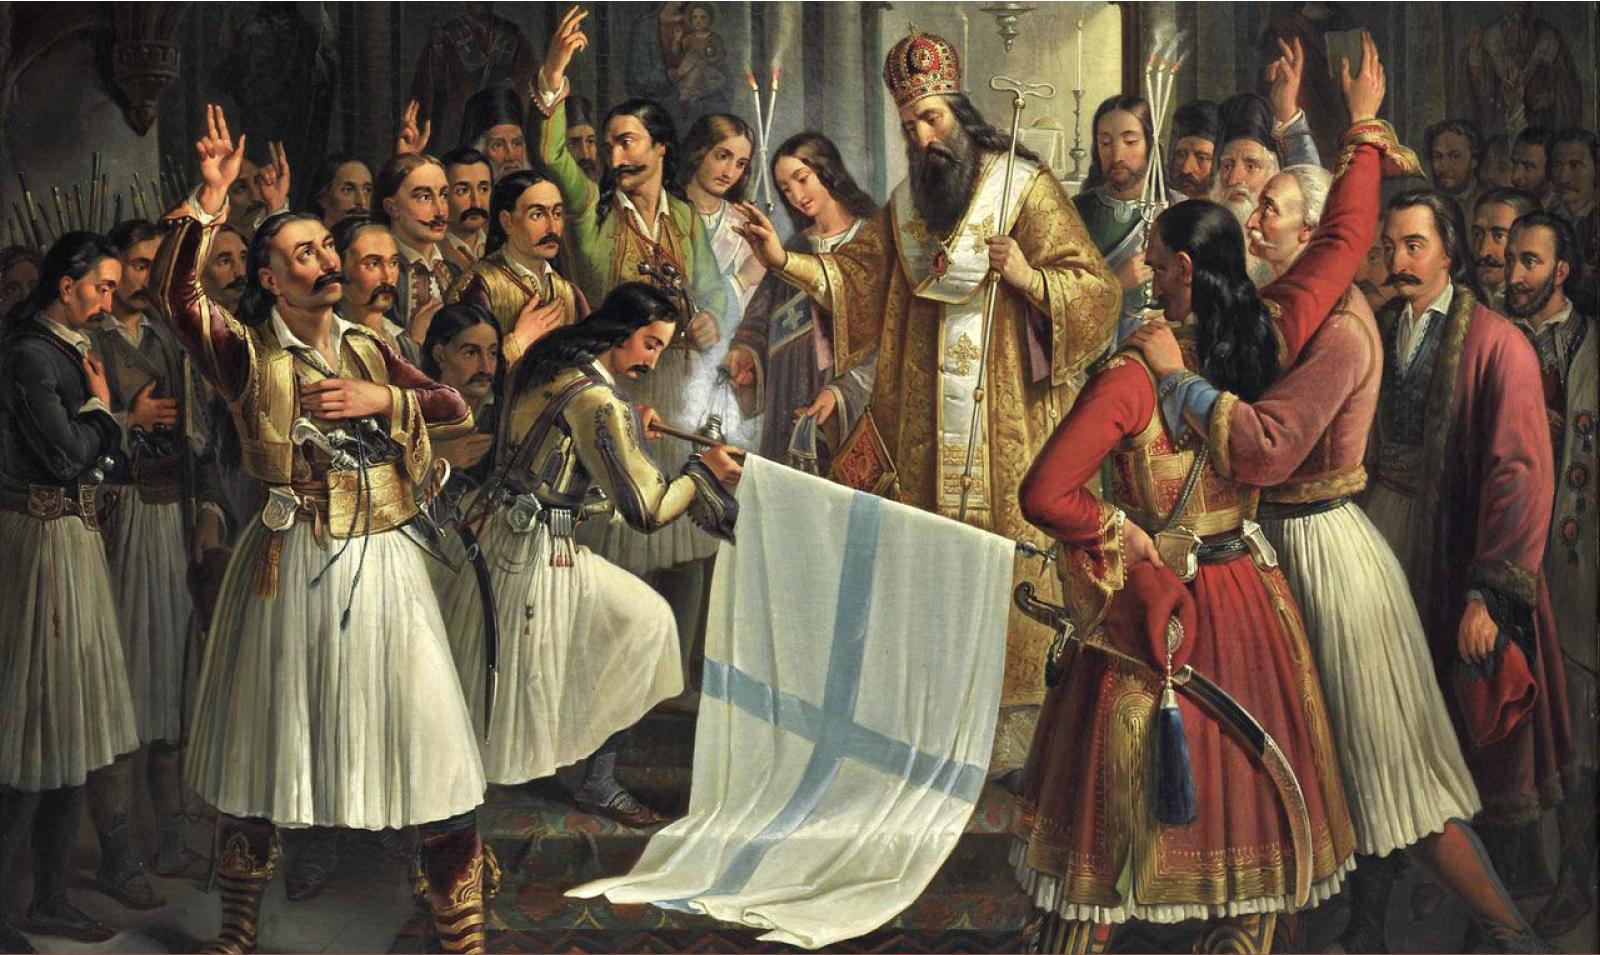 Παρουσίαση του ειδικού μεταλλίου της Εκκλησίας για την επέτειο των 200 ετών από την έναρξη της επανάστασης του 1821